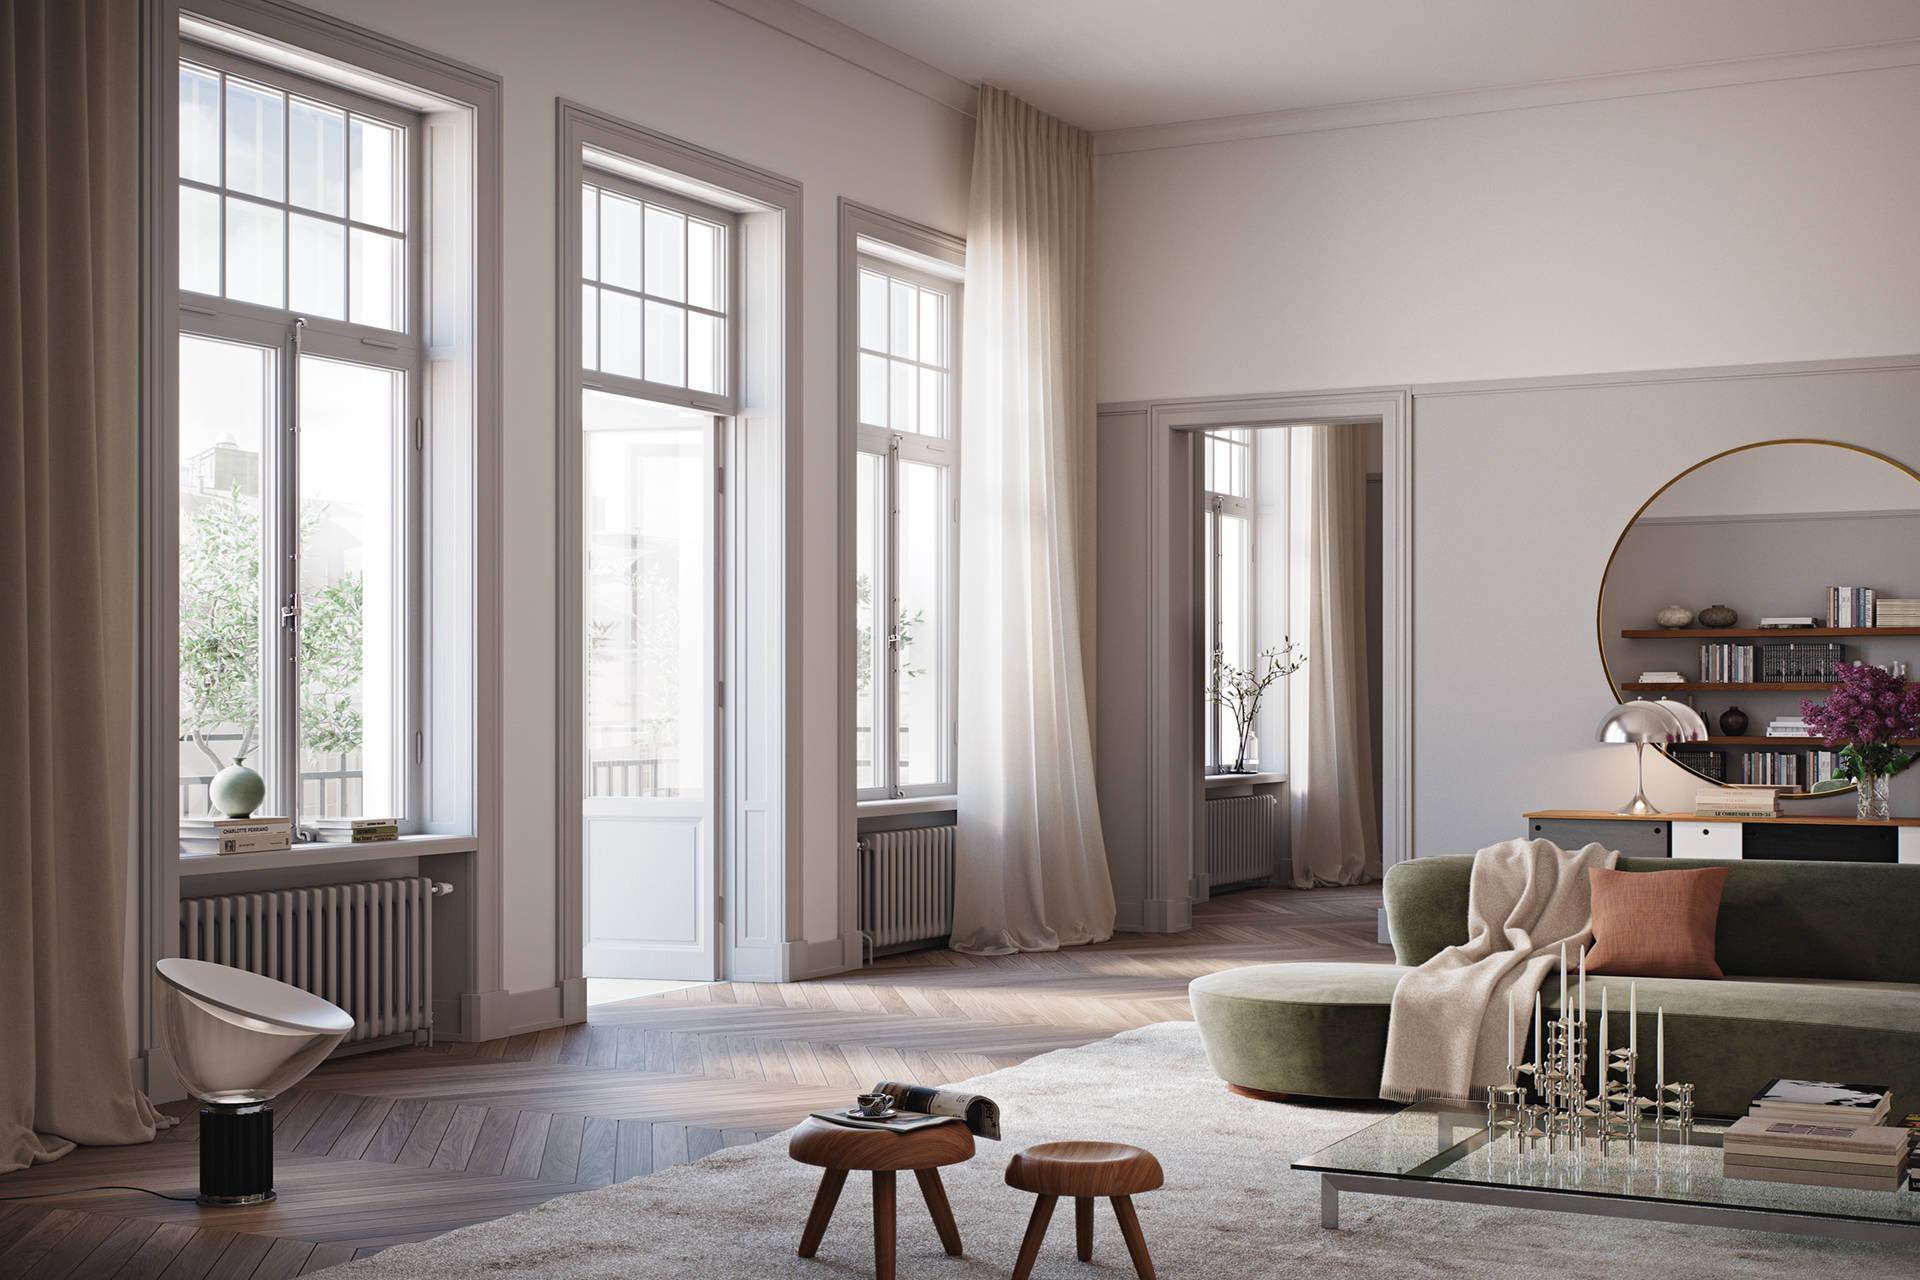 Arredare casa in stile scandinavo trucchi e consigli for Piani di casa in stile isolano